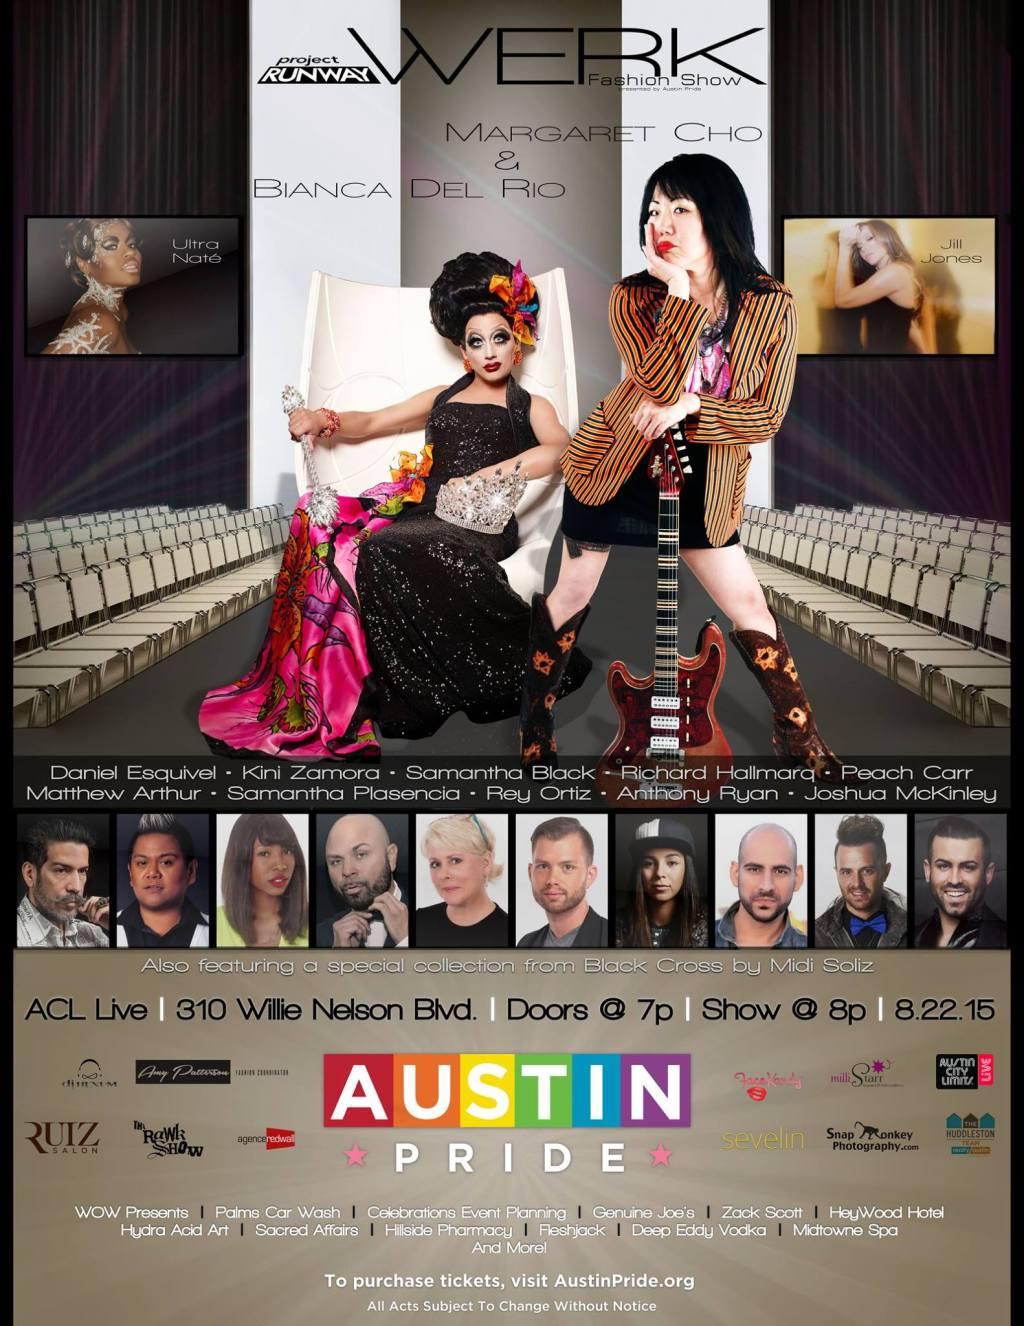 WERK Fashion Show 2015